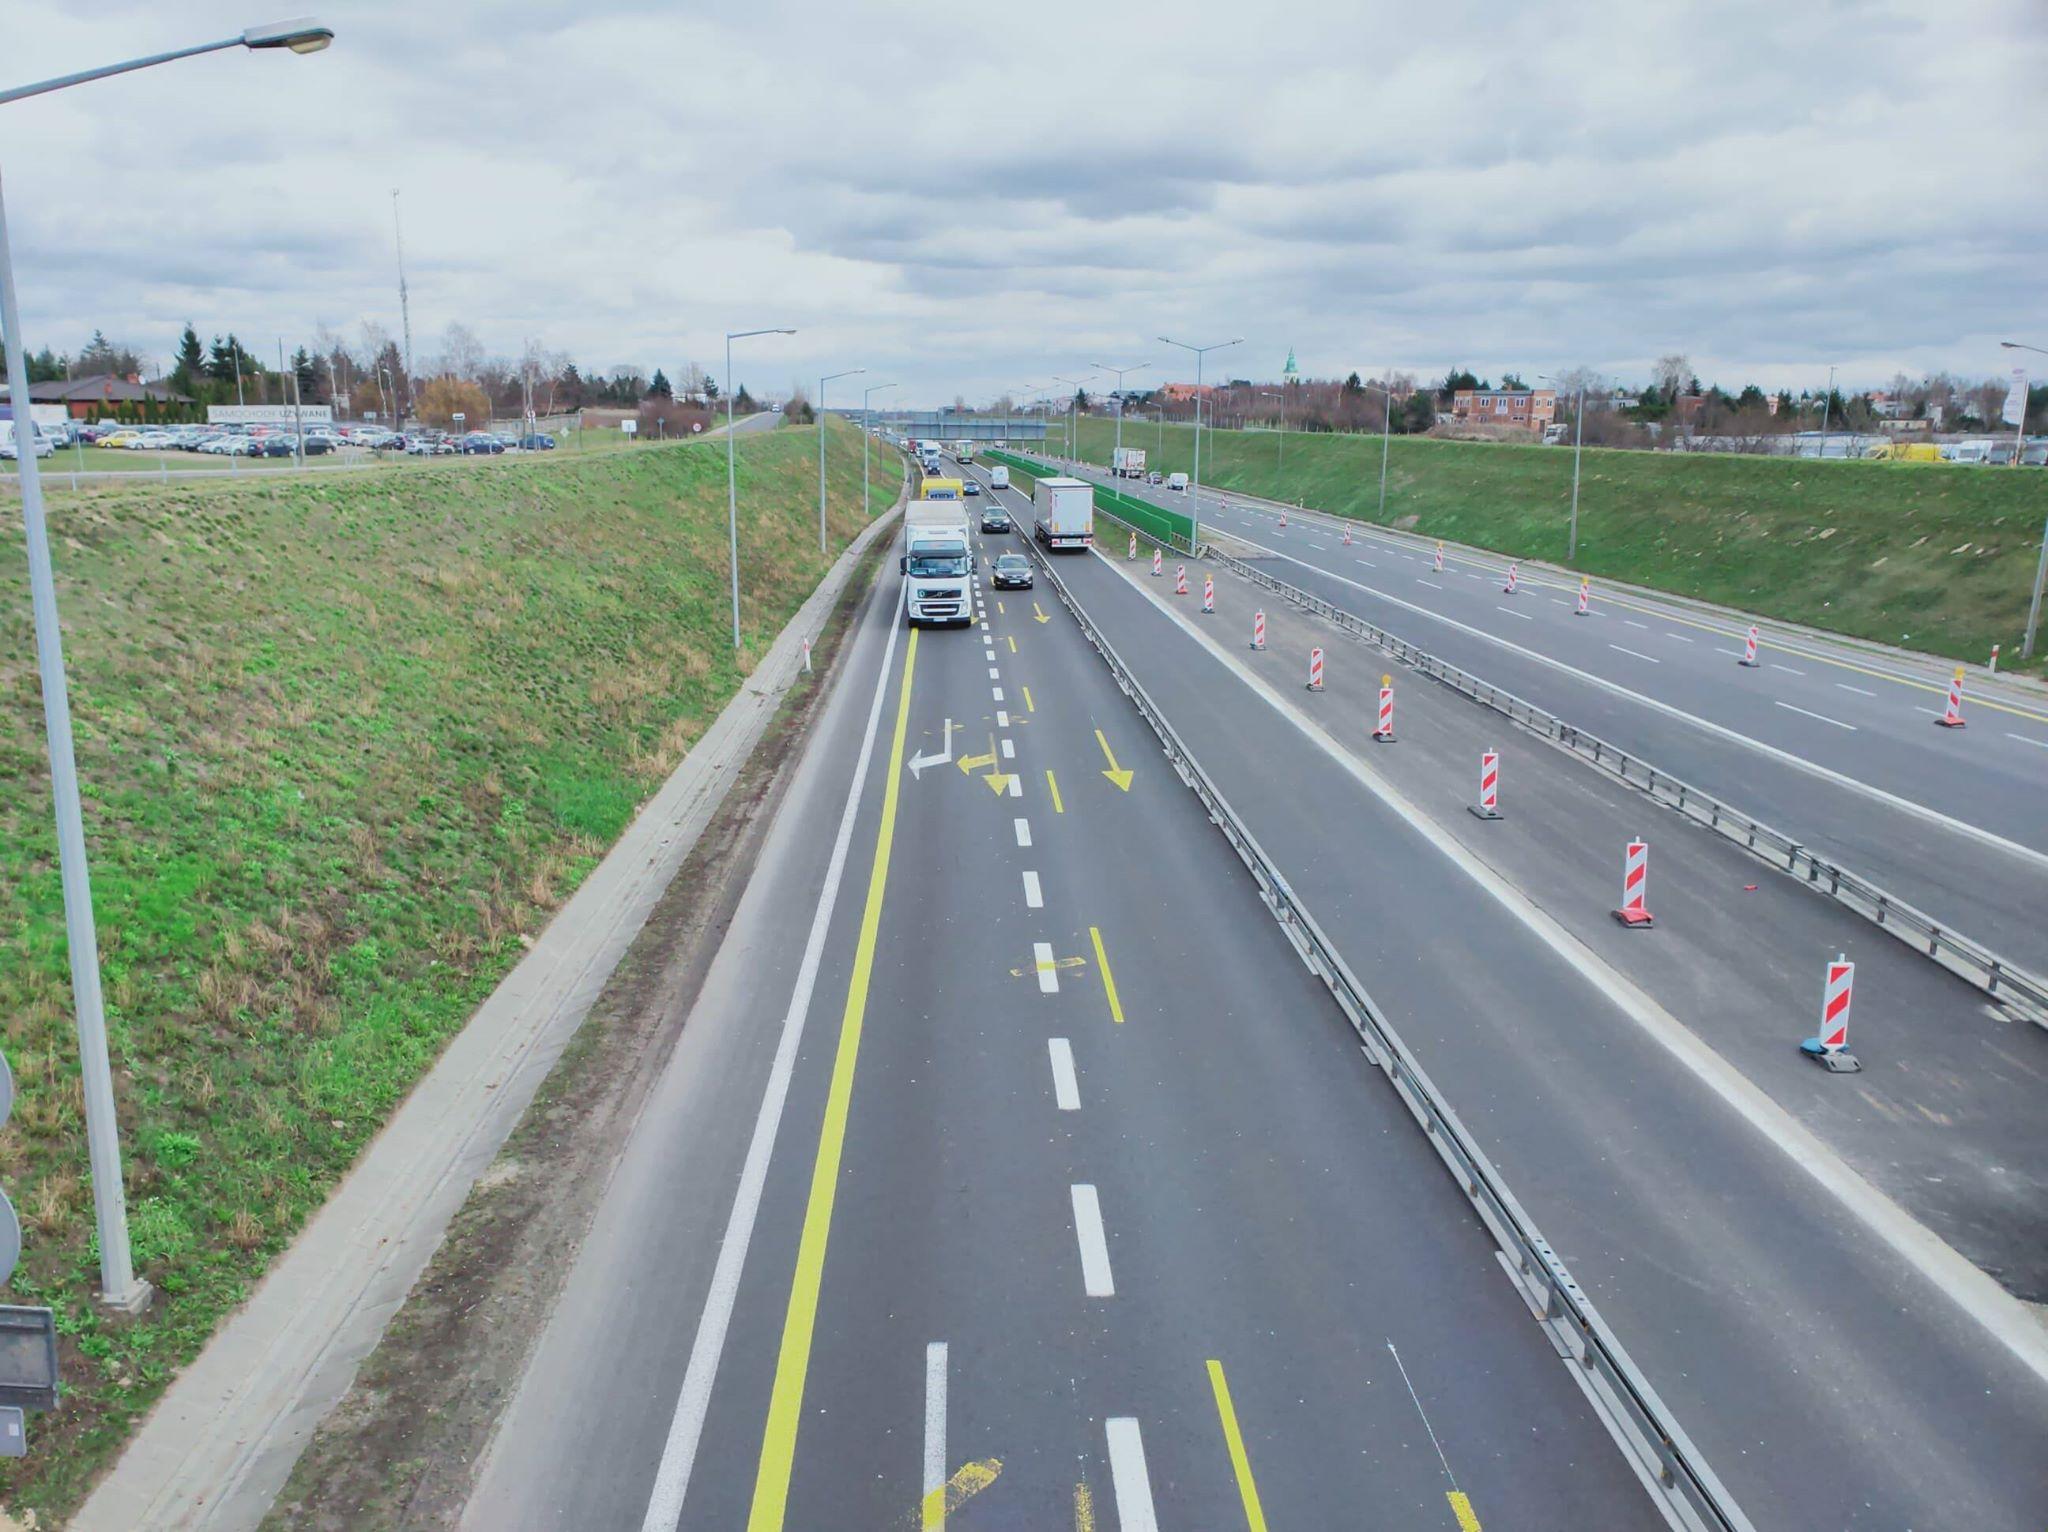 autostrada a2 zwężenie tiry 02 - Maciej Krzywoszyński